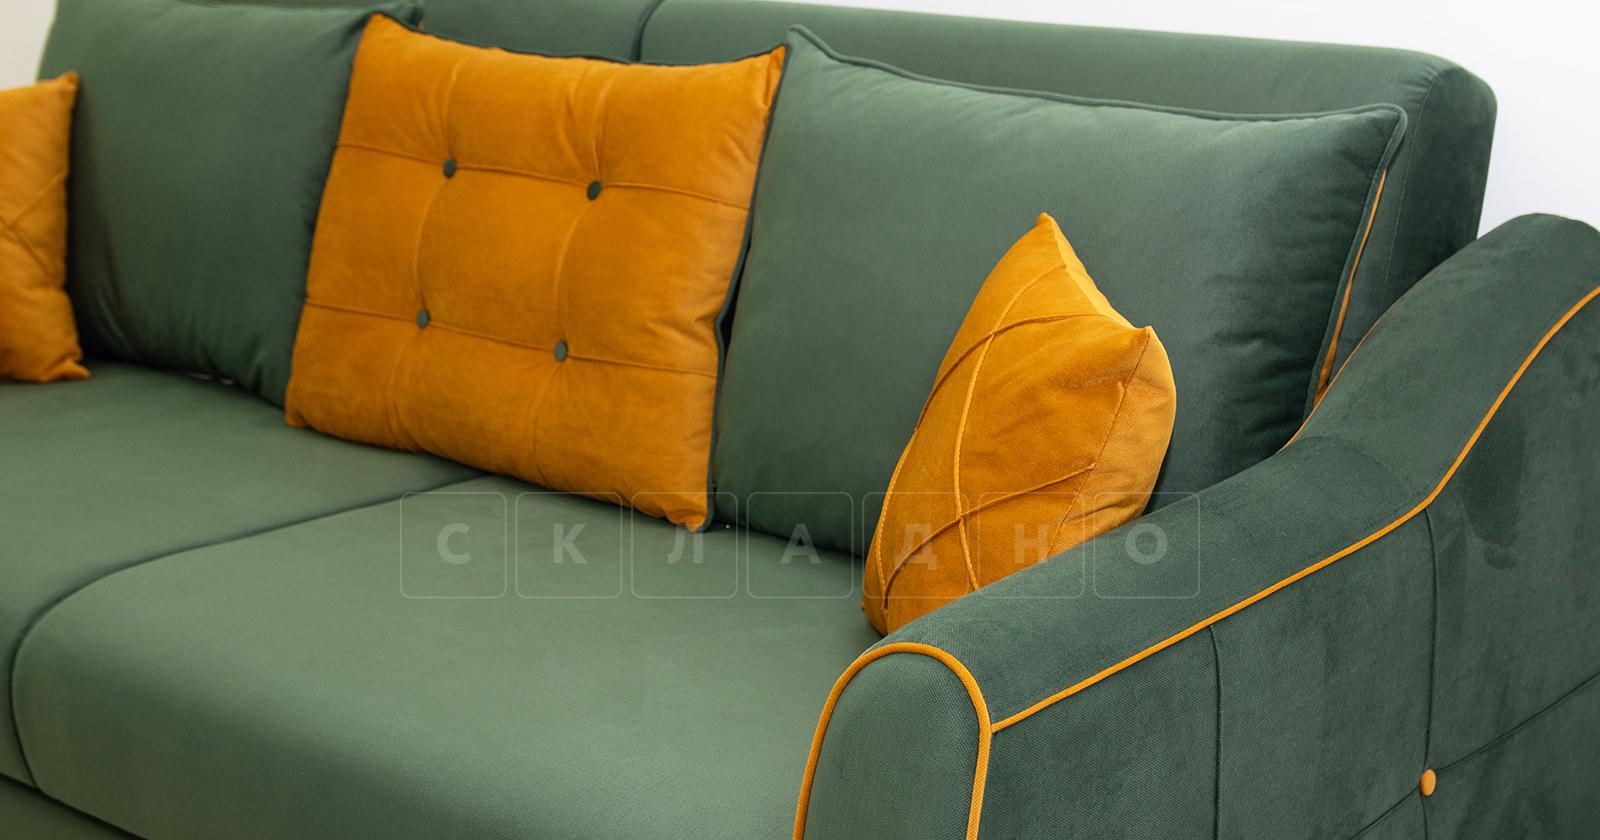 Диван-кровать Флэтфорд нефритовый зеленый фото 8   интернет-магазин Складно